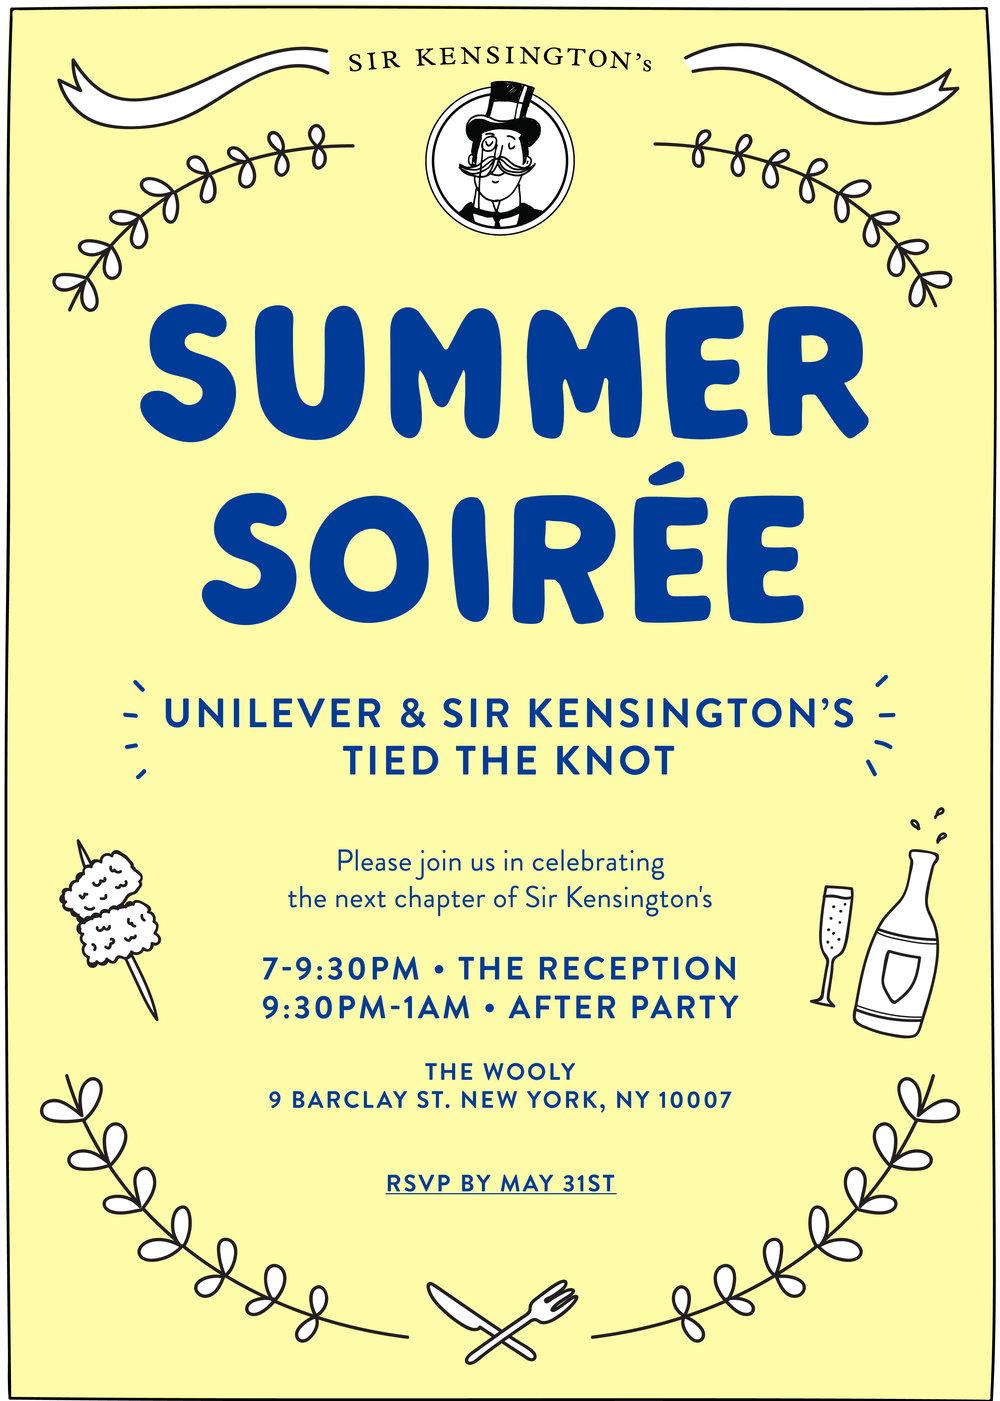 SummerParty-Invite-Both.jpg